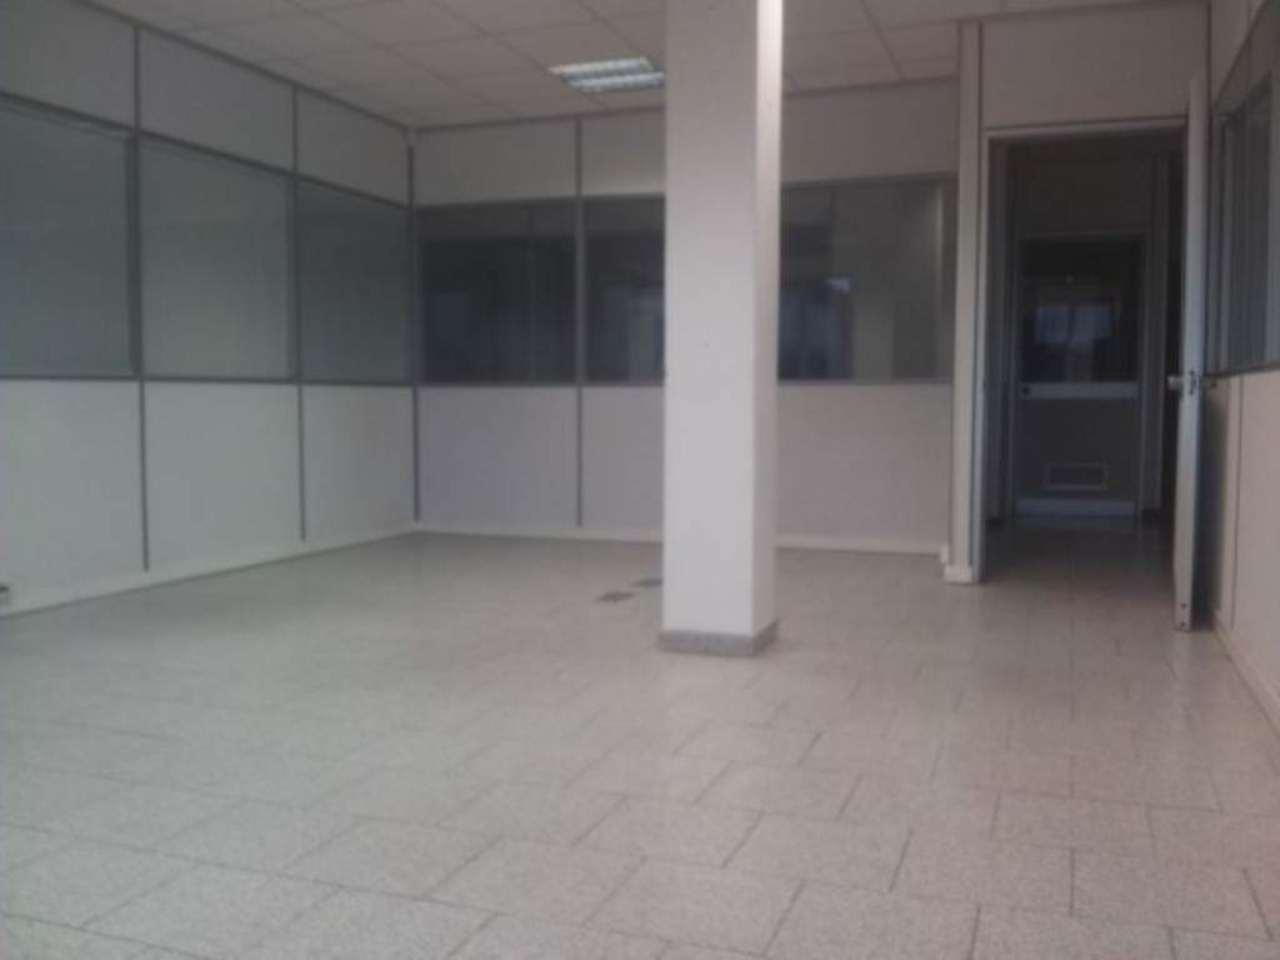 Ufficio / Studio in affitto a Settala, 2 locali, prezzo € 600 | Cambio Casa.it